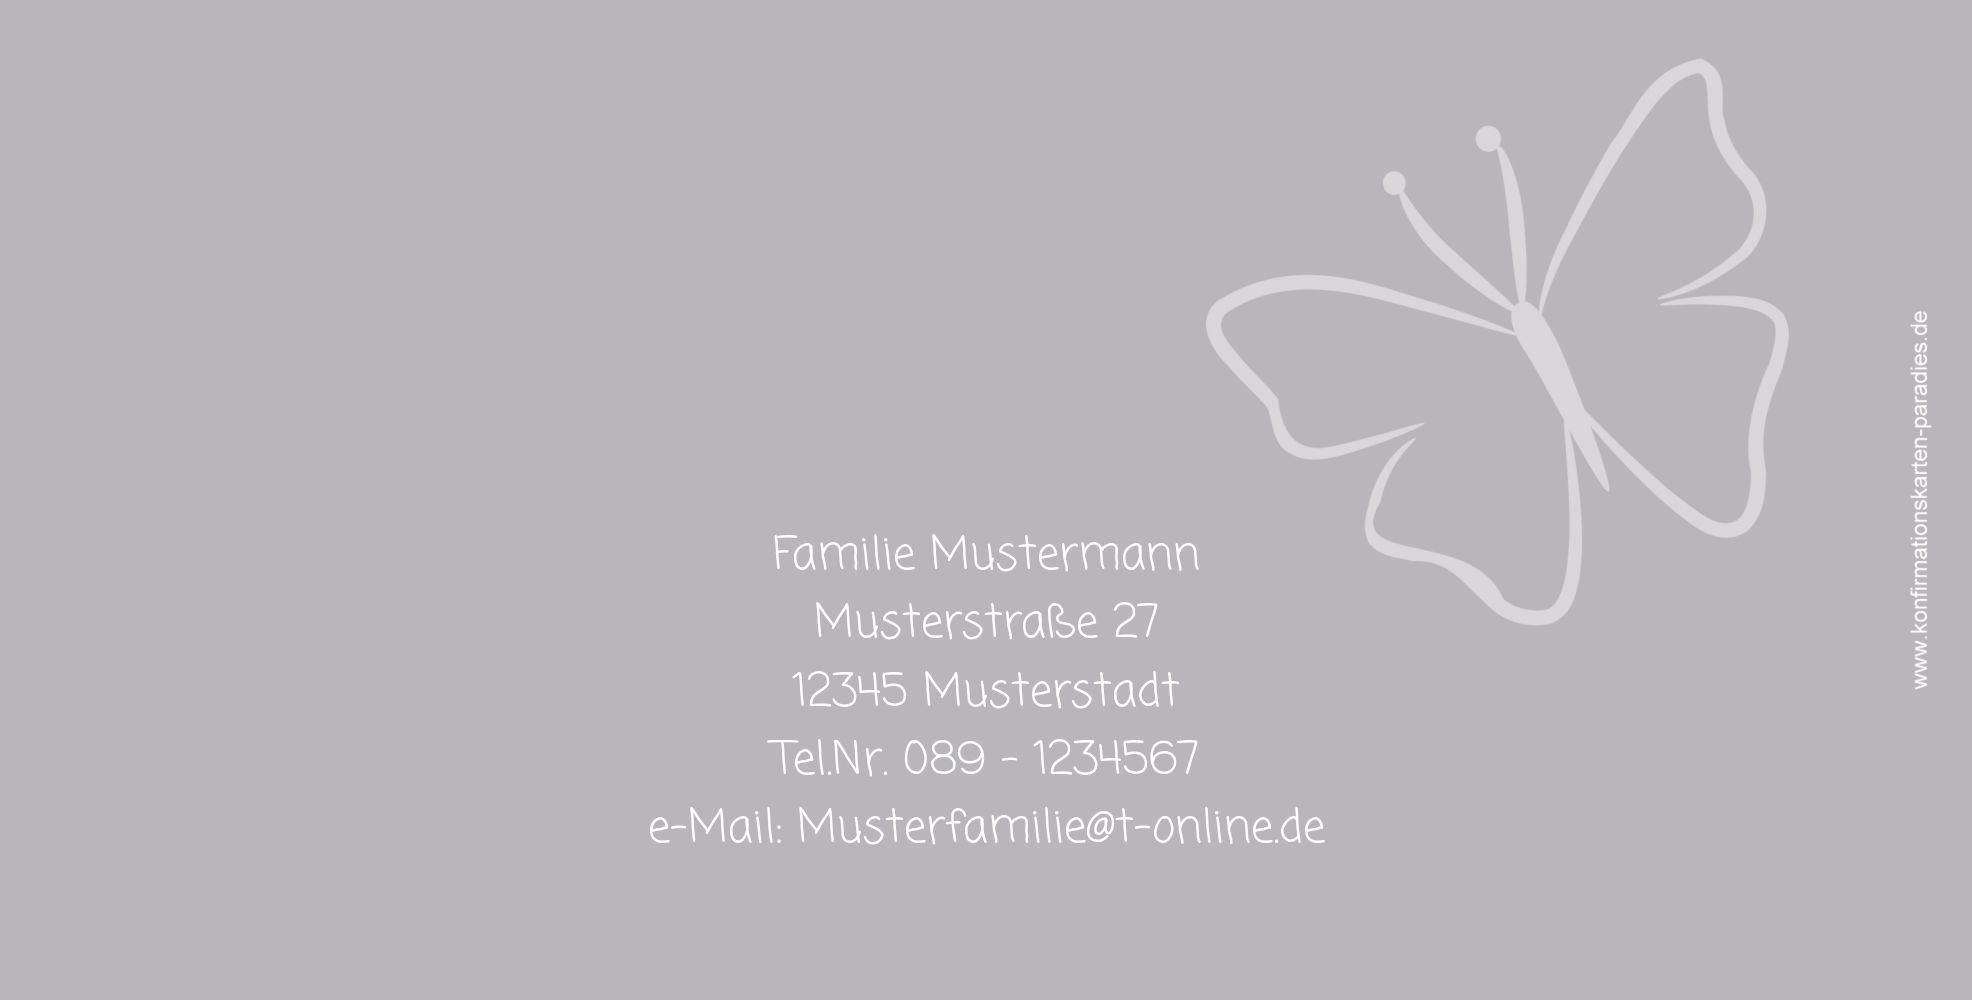 Ansicht 3 - Konfirmation Einladung Butterfly 2